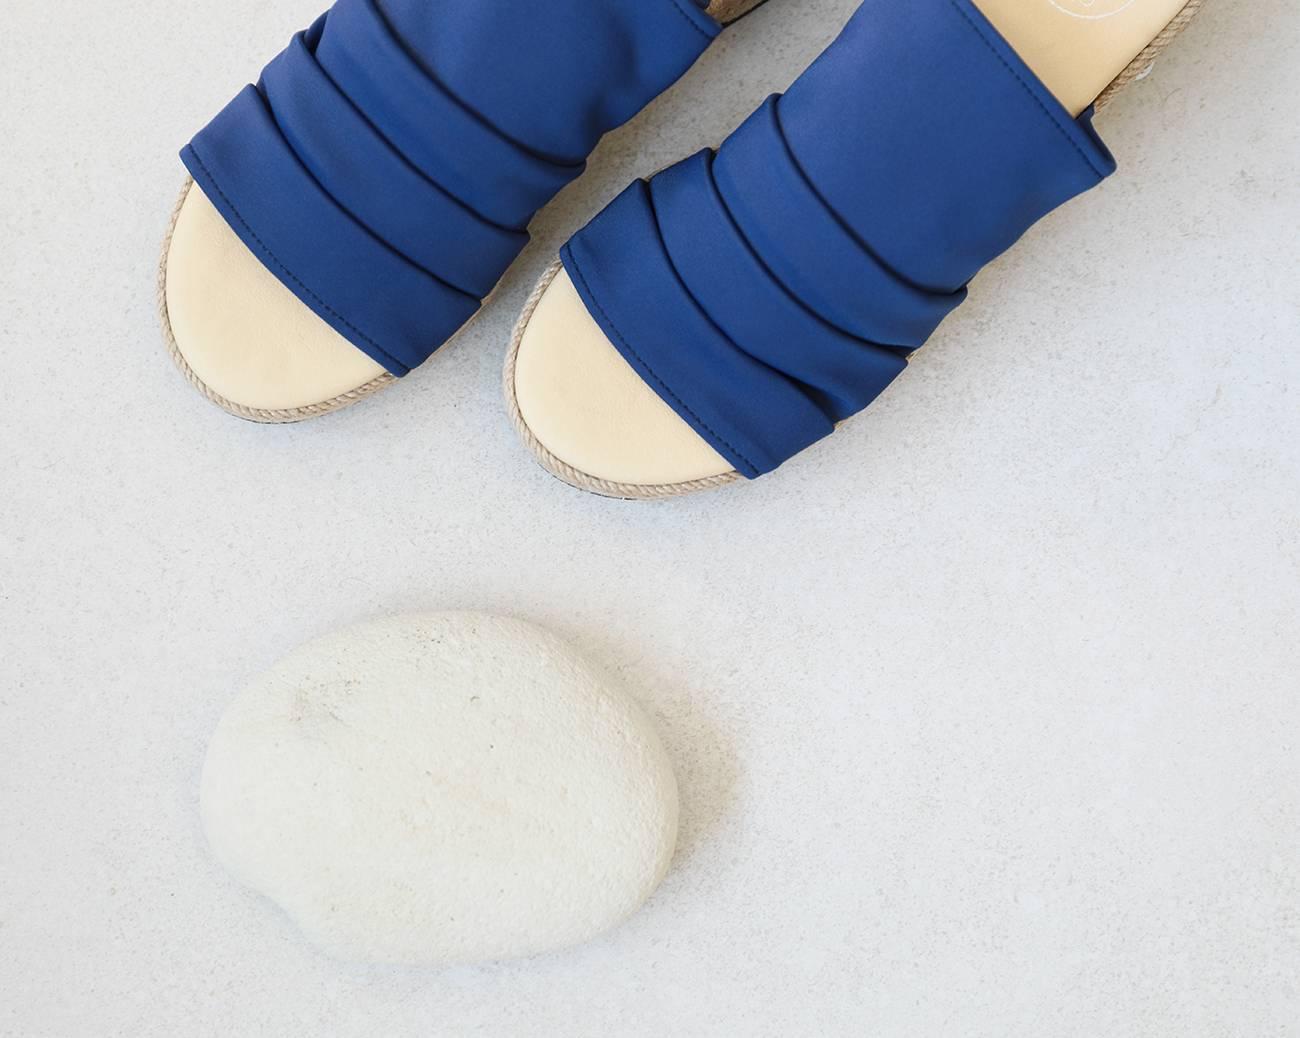 Sigue conociendo el origen de las sandalias de inspiración clásica - Portada